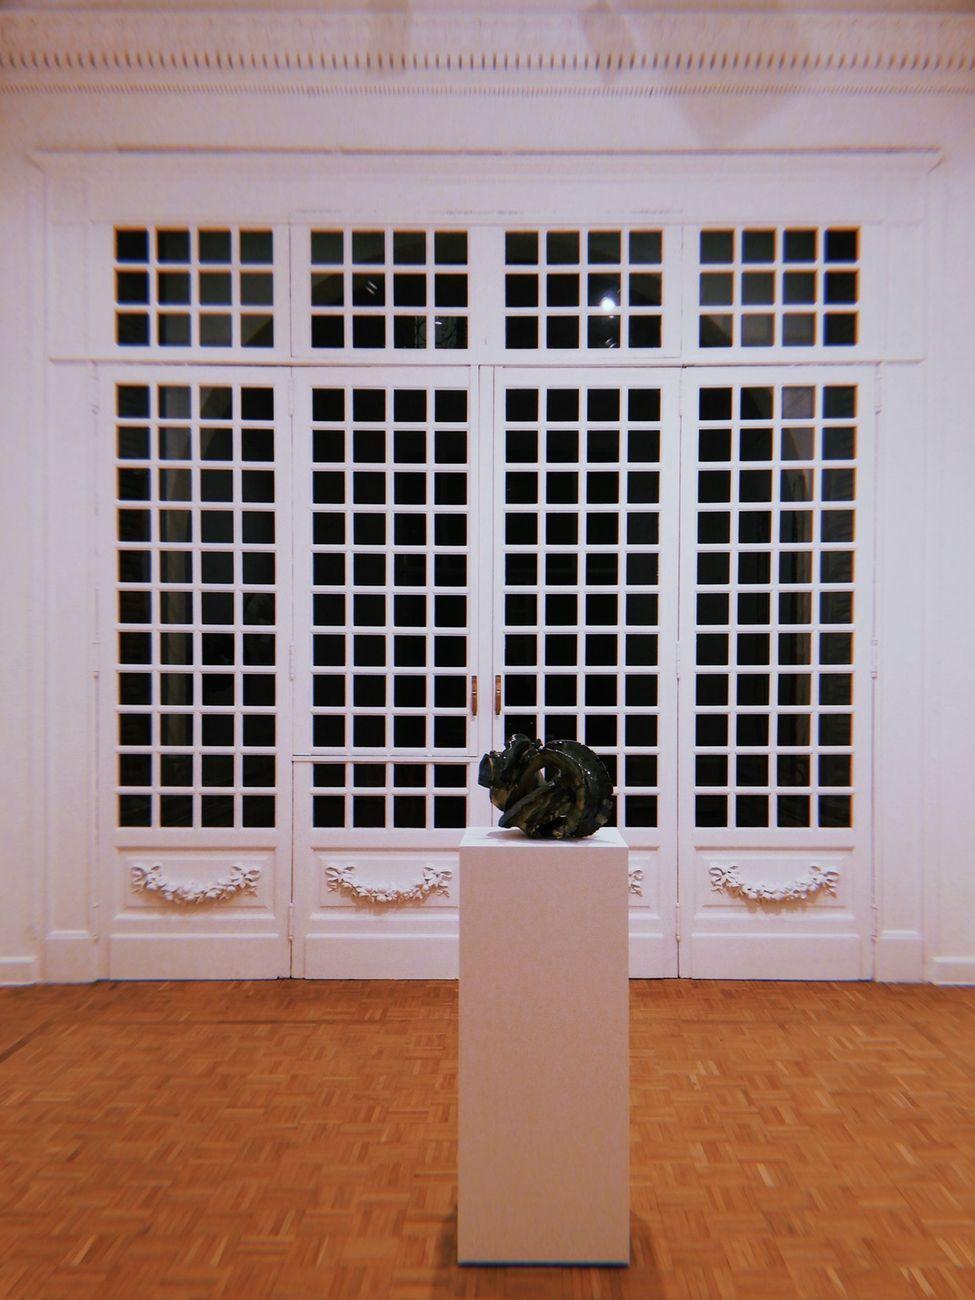 Lynda Benglis. Spettri. Installation view at Thomas Dane Gallery, Napoli 2019 © Lynda Benglis. Courtesy the artist, Thomas Dane Gallery and Pace Gallery. Photo Simona Passaro